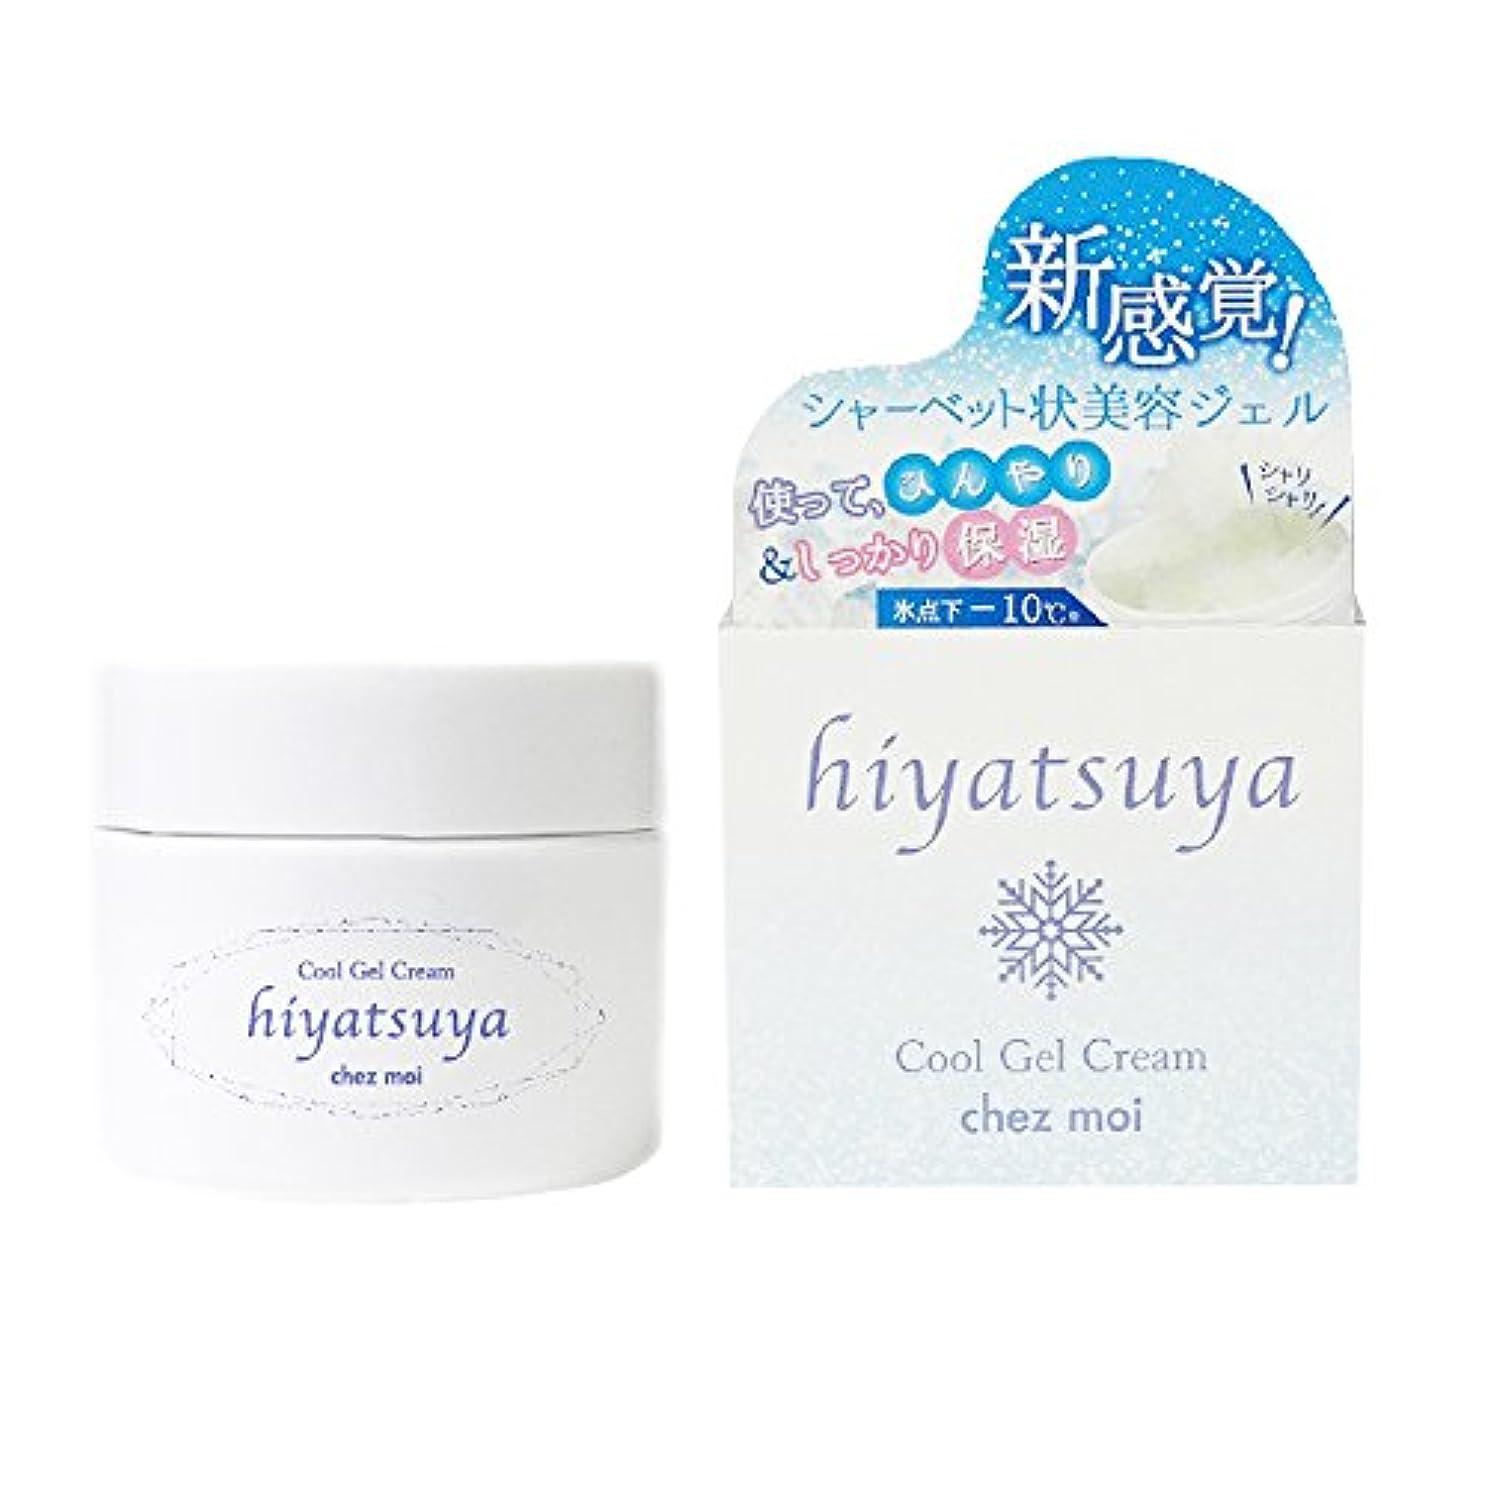 不屈送る飾り羽シェモア hiyatsuya(ヒヤツヤ) cool gel cream 70g